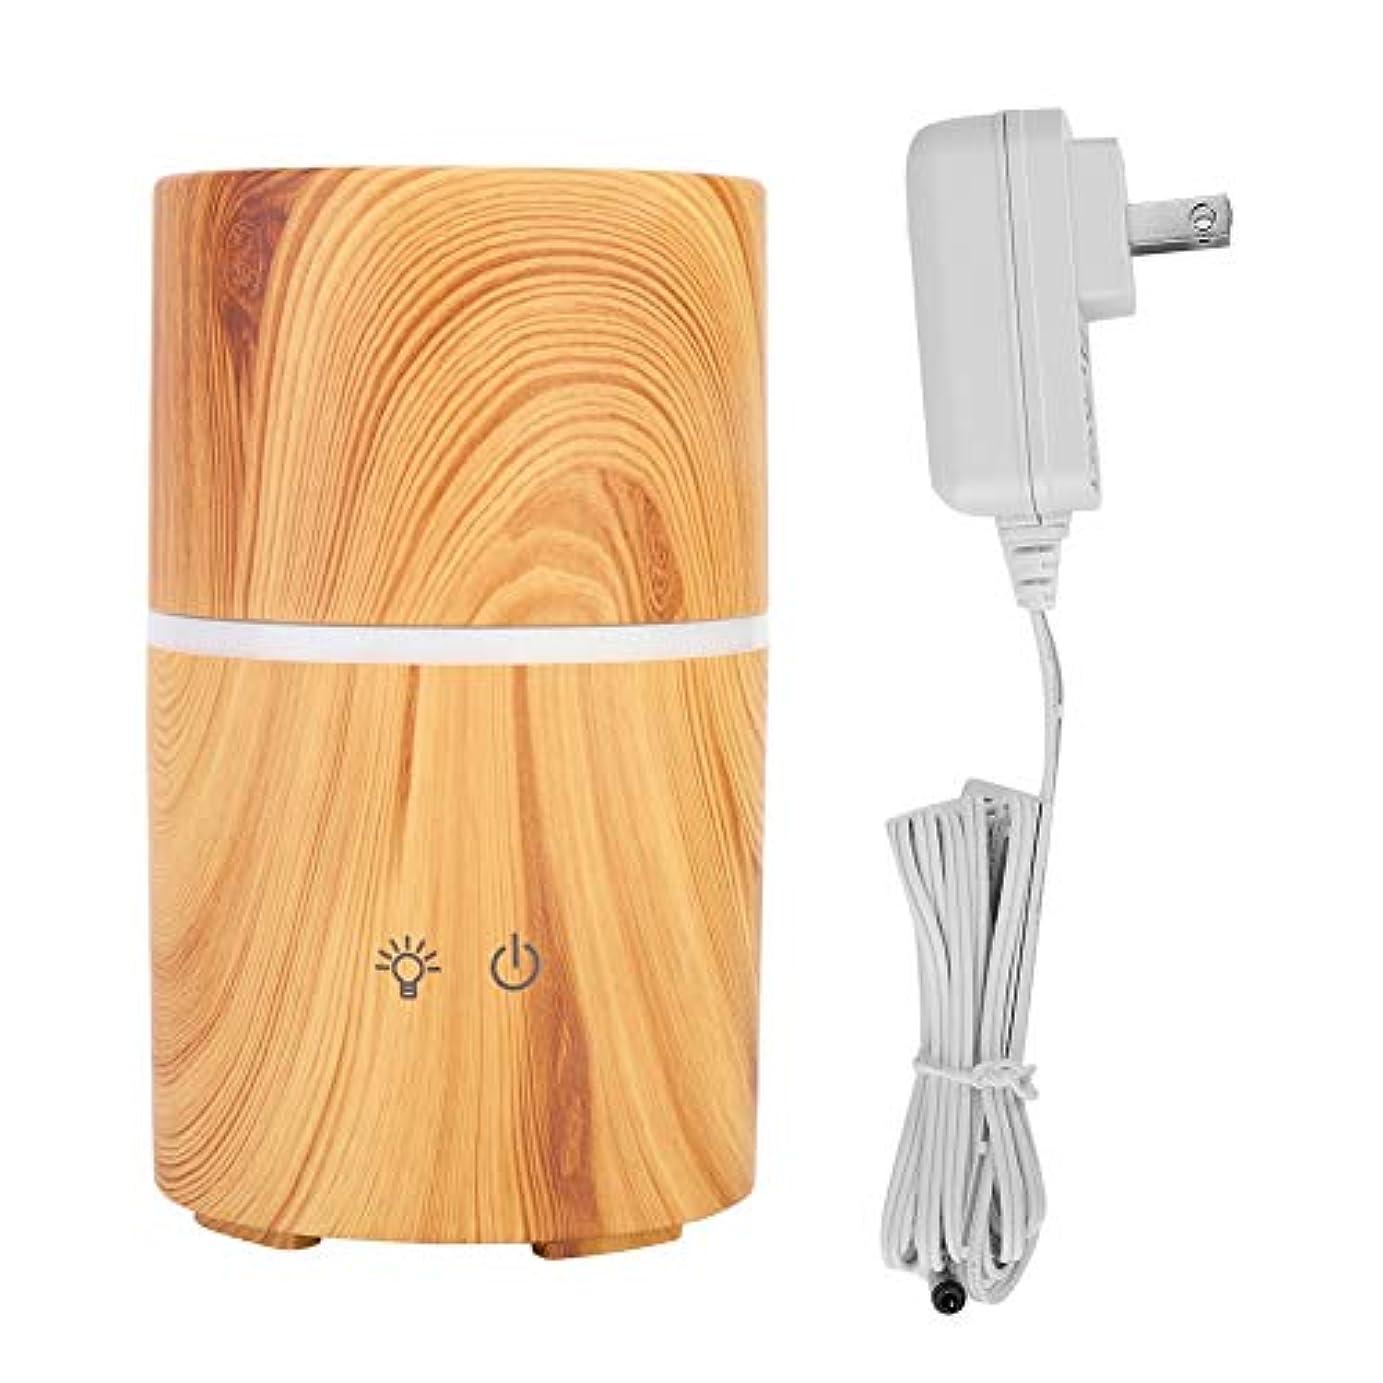 どこでも隠されたロケットアロマセラピーディフューザー、多目的木目LEDインテリジェントディフューザーワイヤレススピーカー加湿器家庭用装飾(USプラグ100-240V)